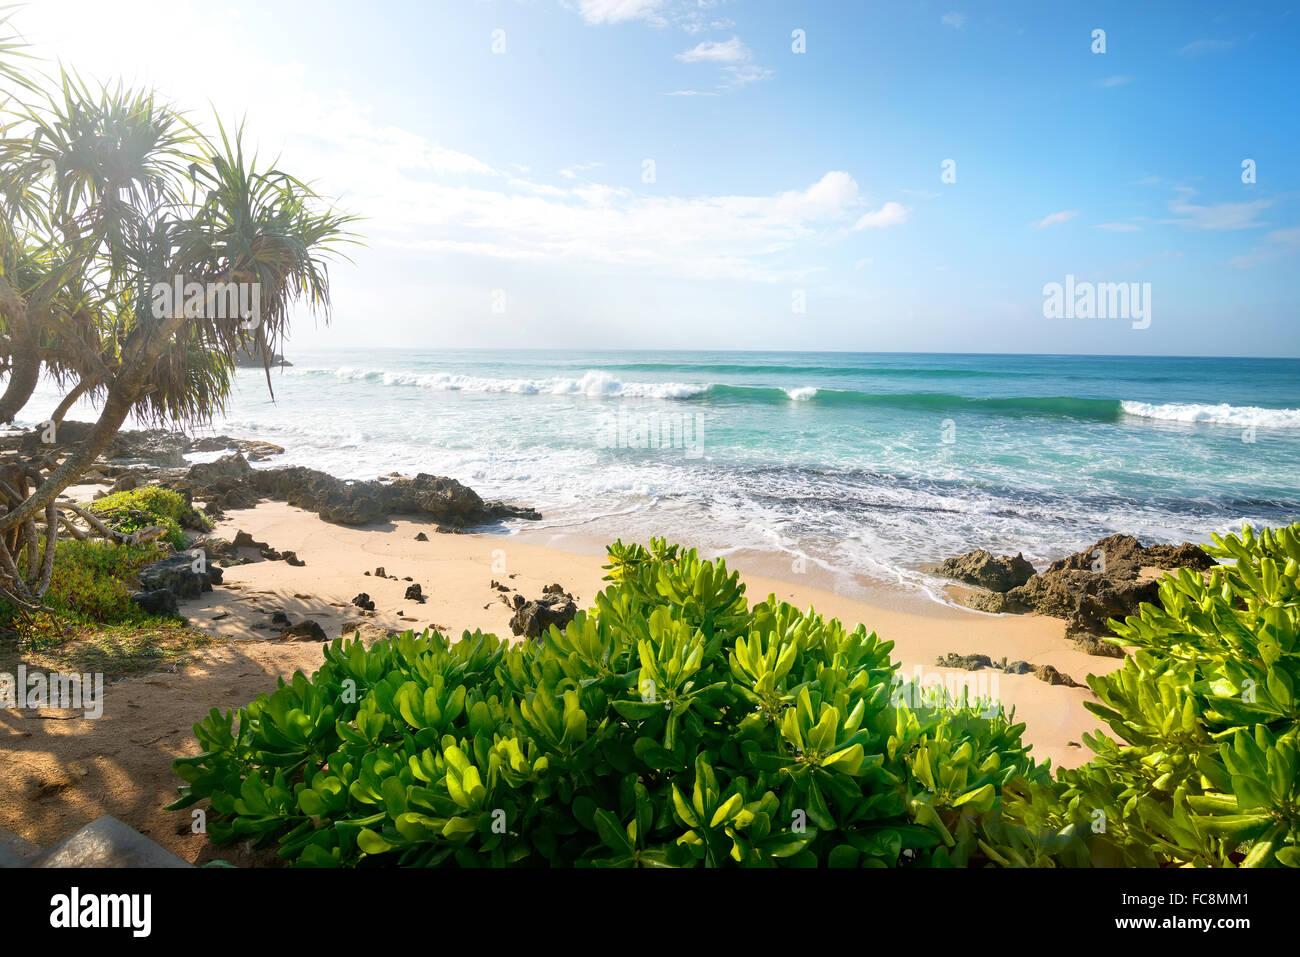 Plantas exóticas en una playa del océano Índico Imagen De Stock